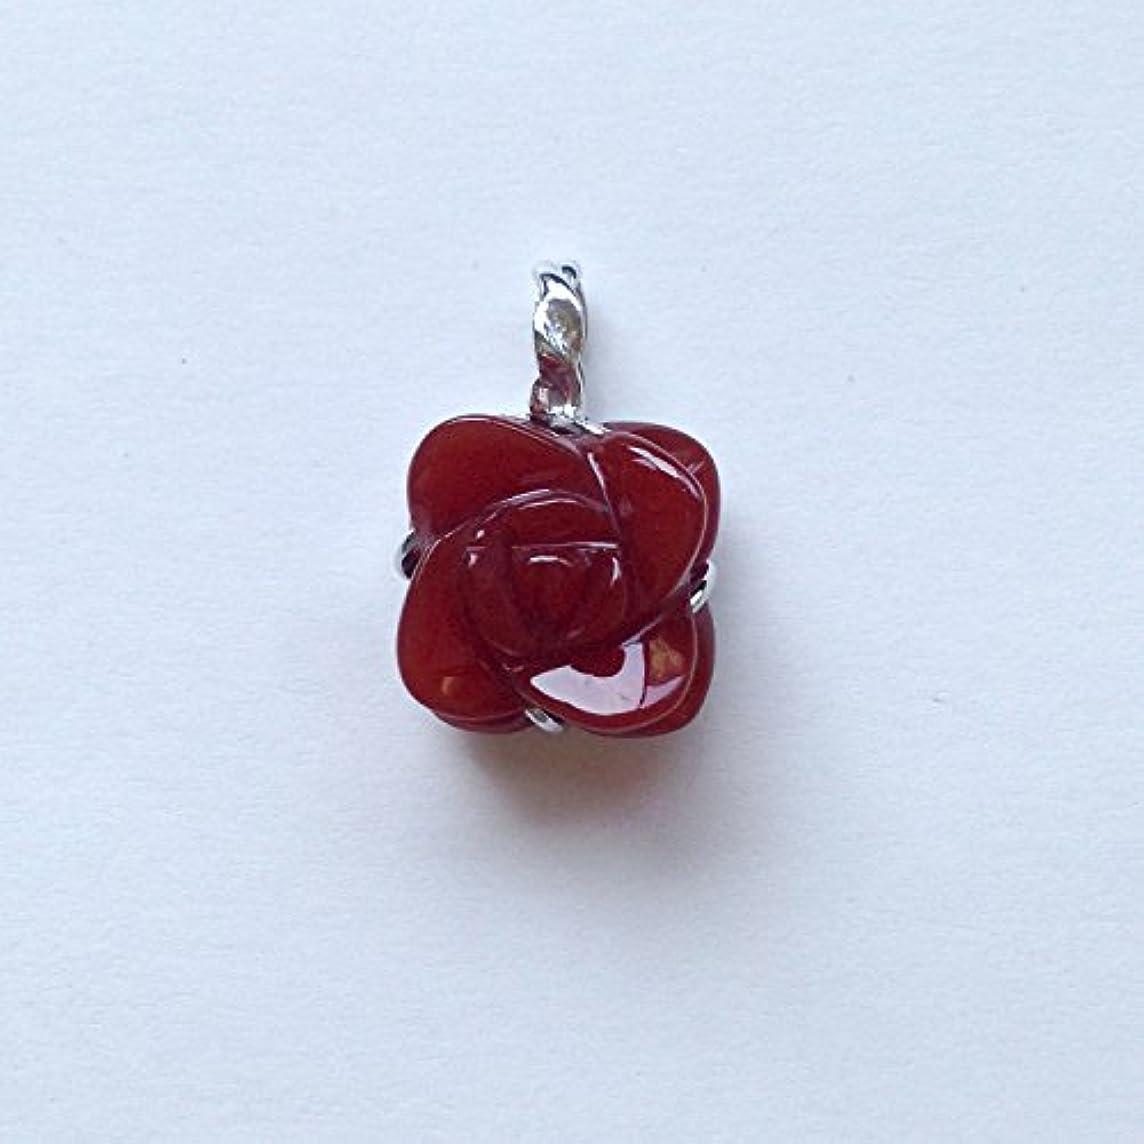 すりコーナー注目すべき香る宝石SV赤メノウペンダント通常¥26,800の所 (Ag925)